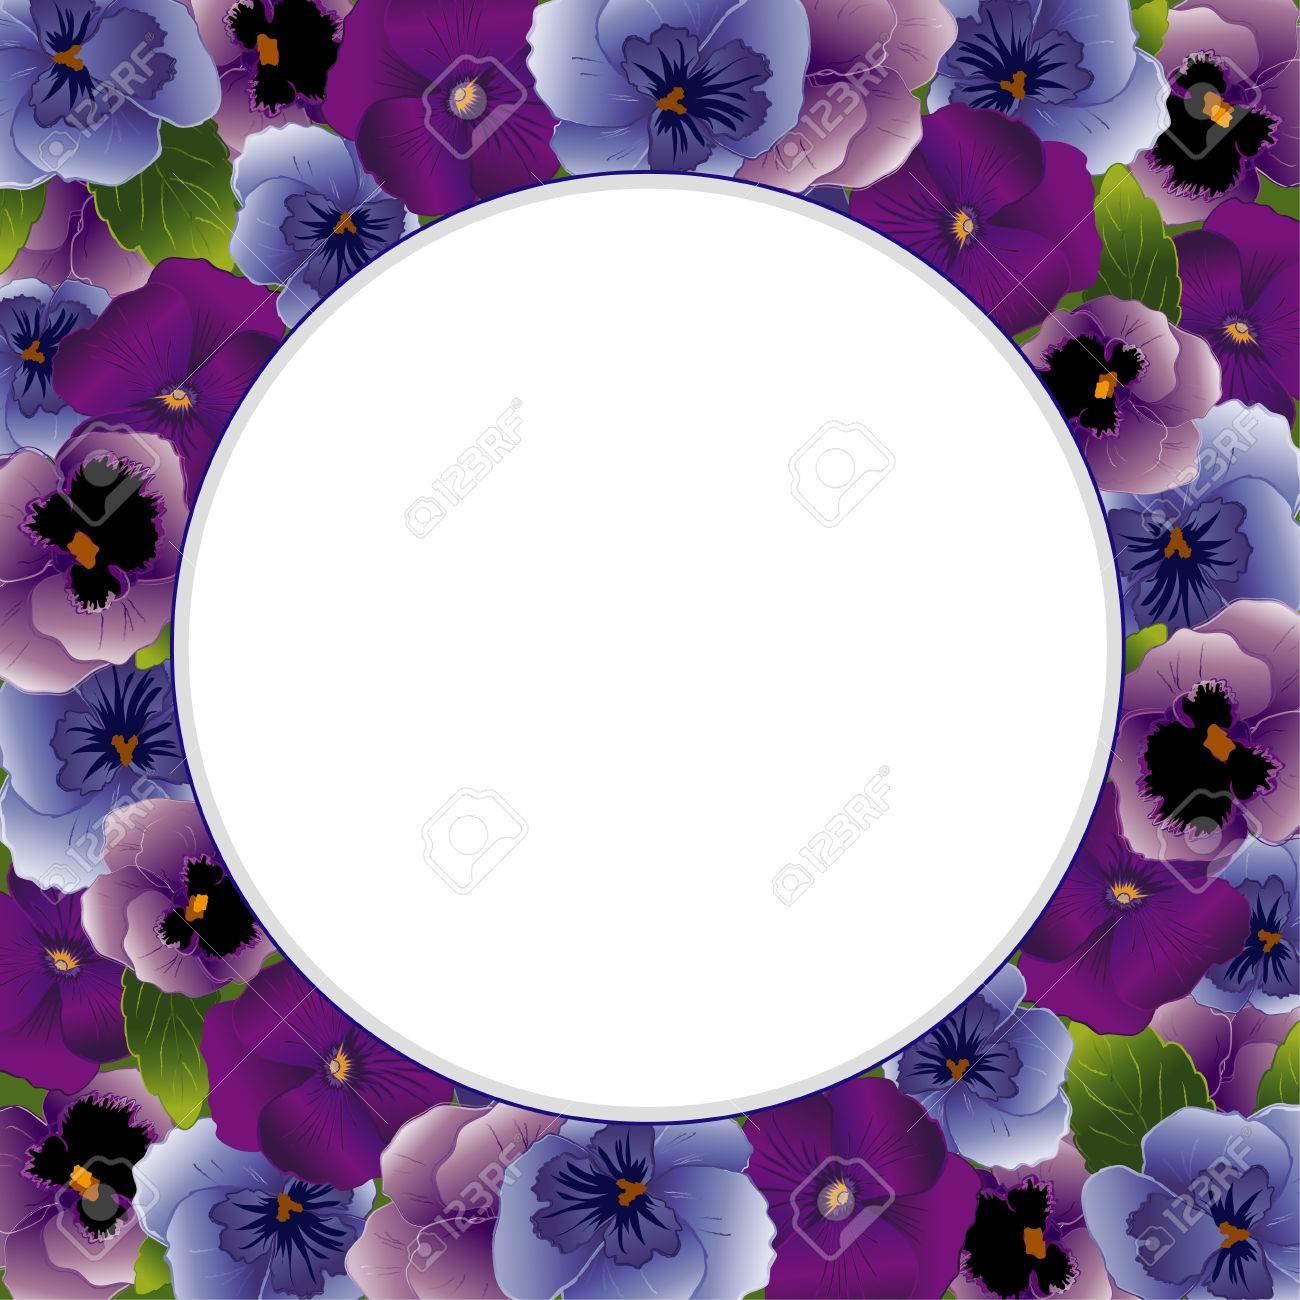 Pansy Blume Runde Bilderrahmen Frühling Bratschen Im Lavendel, Lila ...